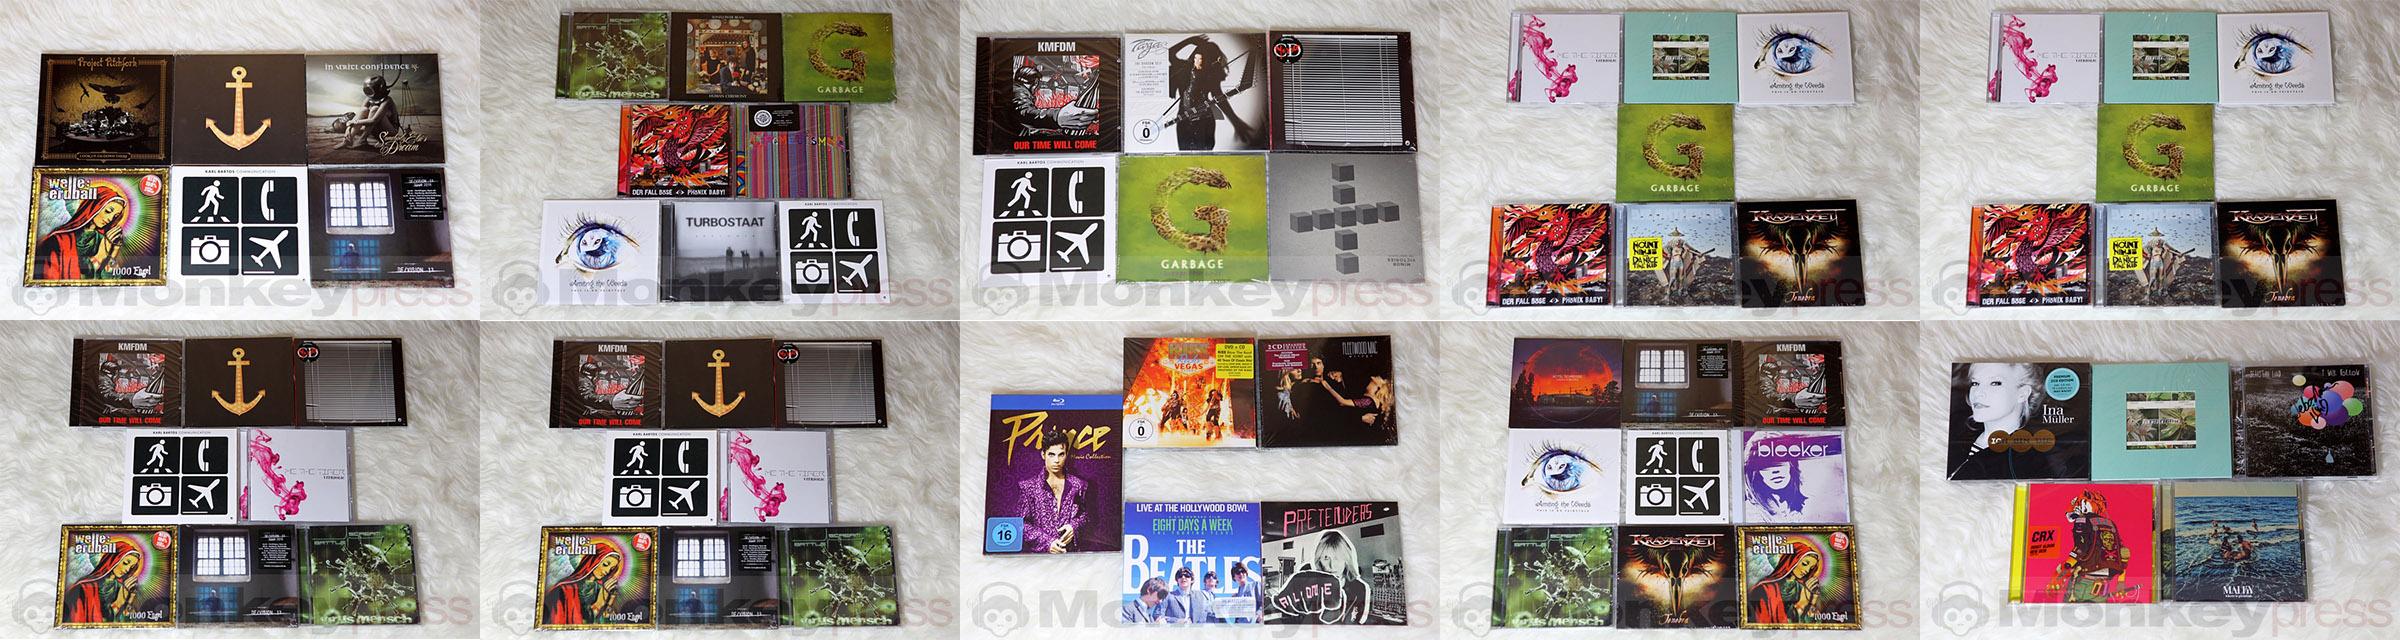 [beendet] Jahresendverlosung: 10 Pakete mit insgesamt 69 CDs/Blu-ray/DVD für einen guten Start ins Jahr 2017